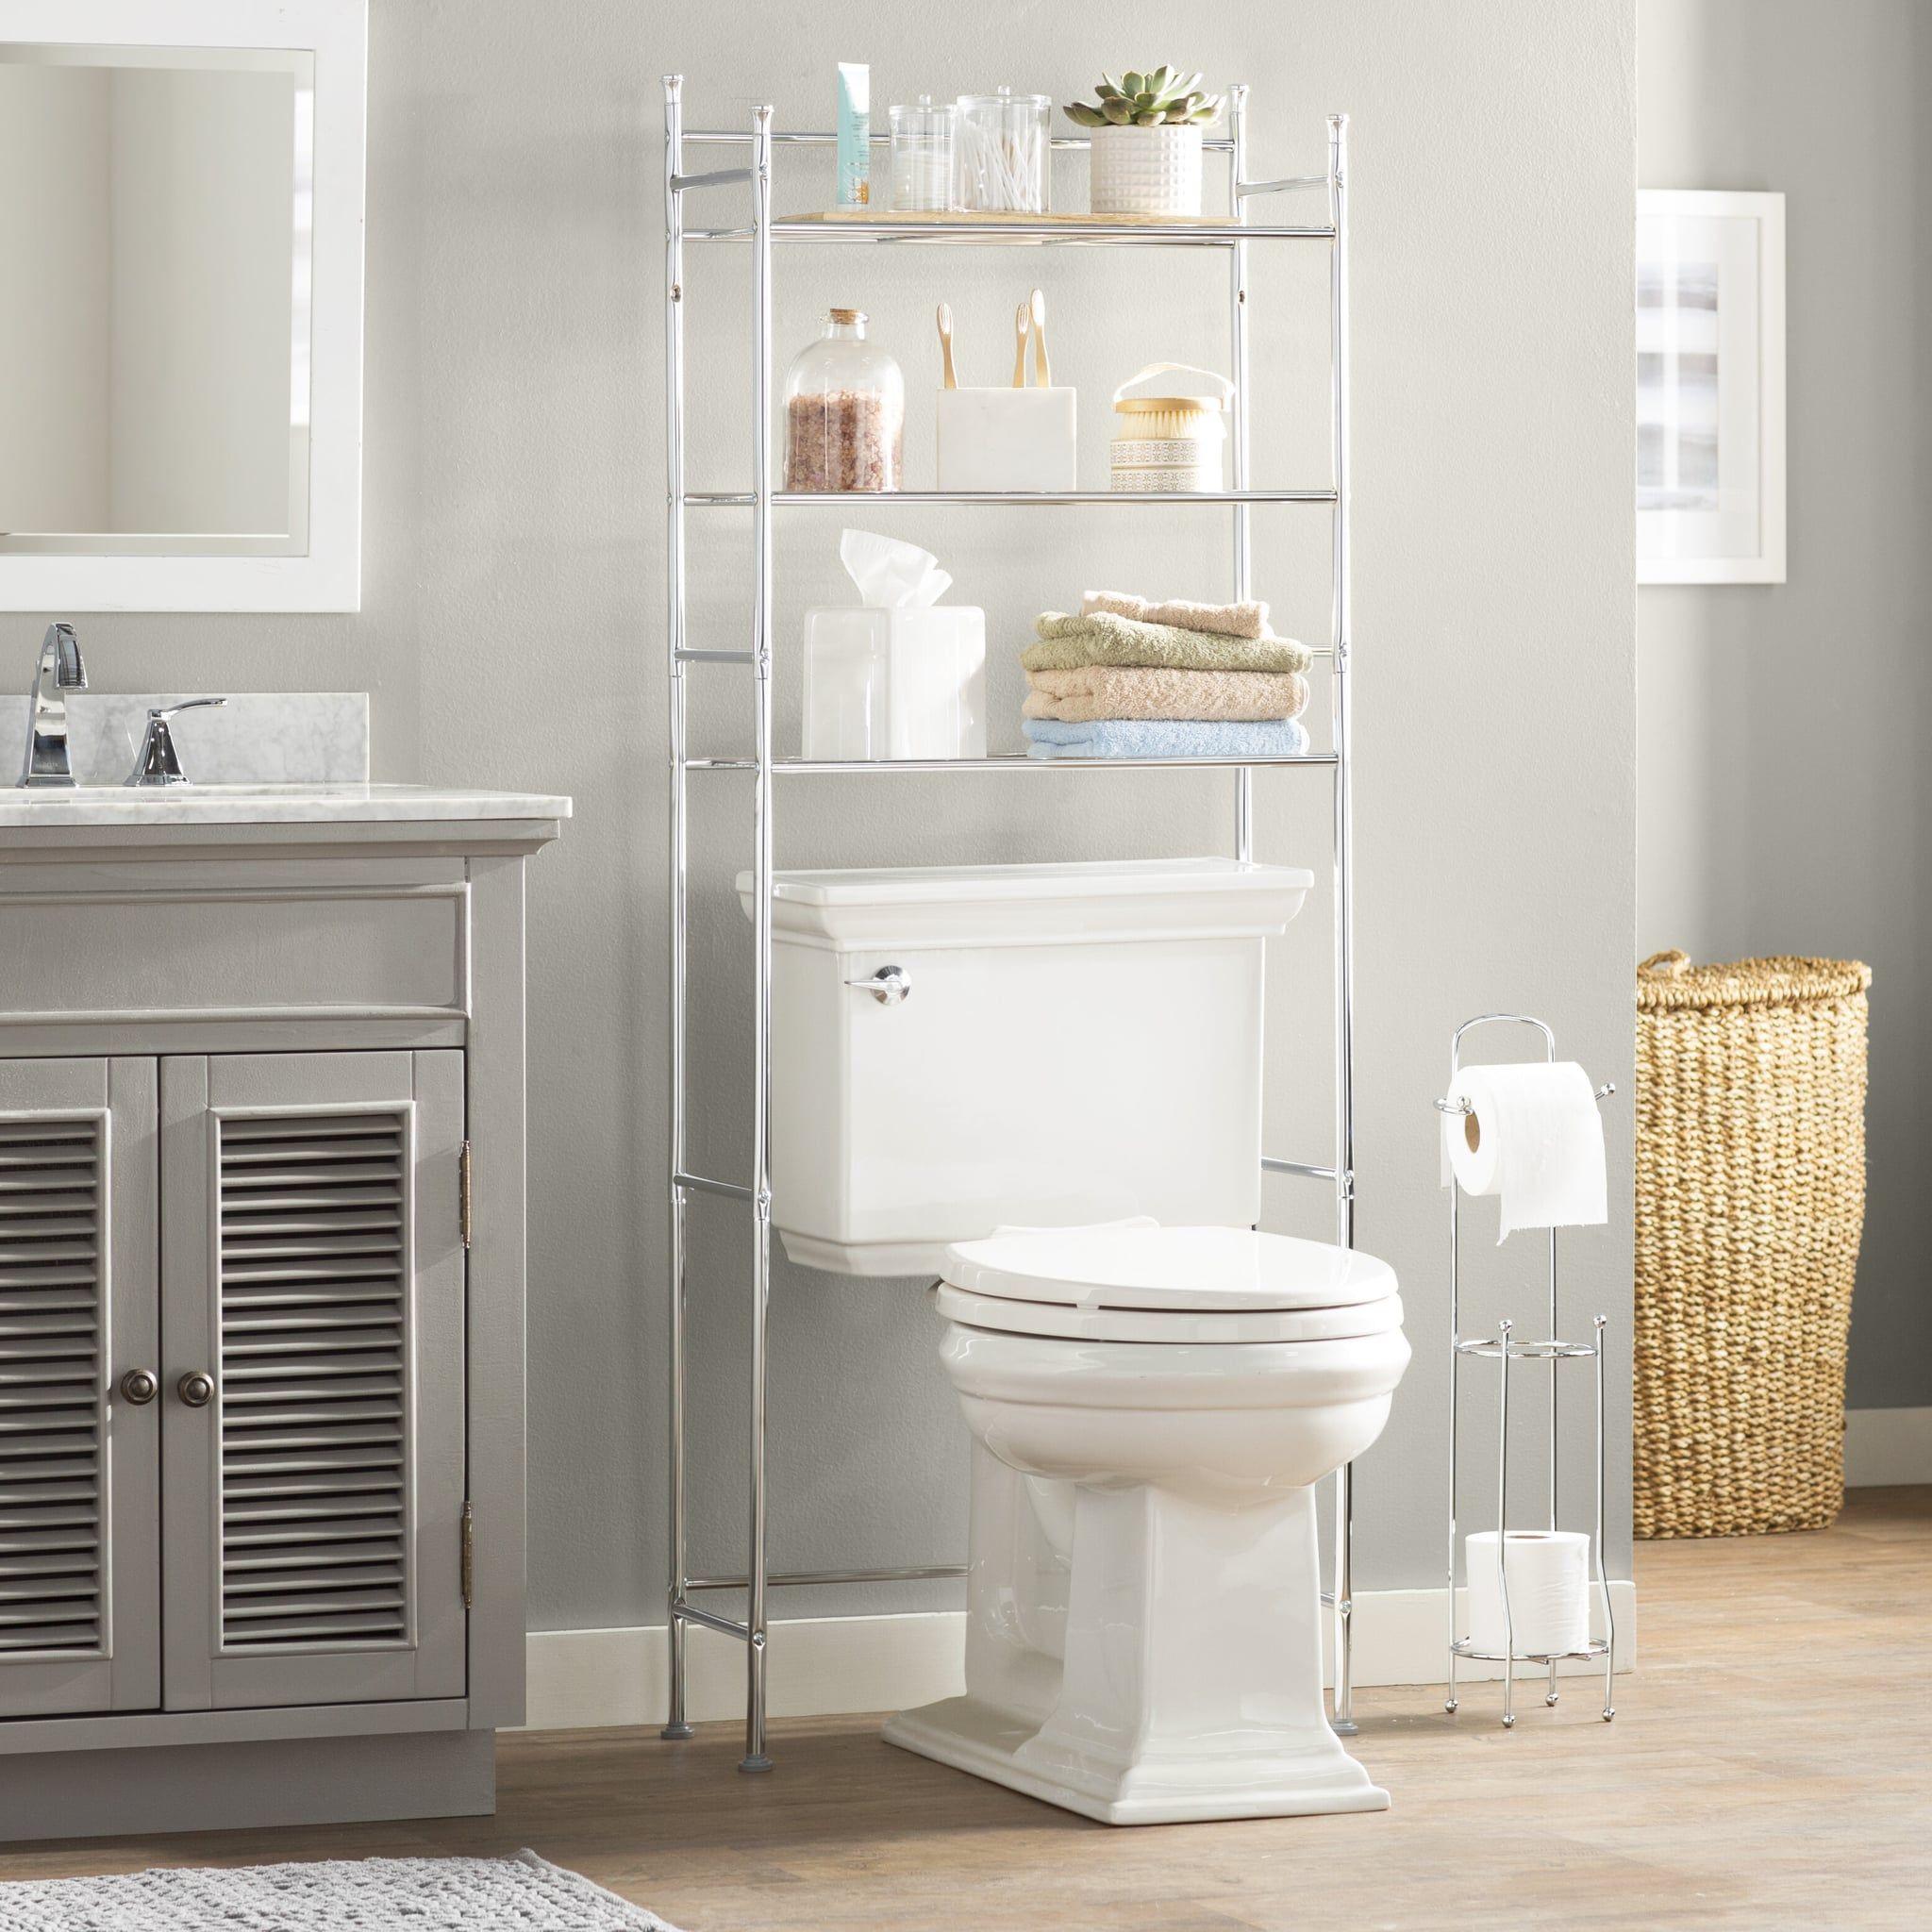 Wayfair Basics Over the Toilet Storage in 5  Toilet storage